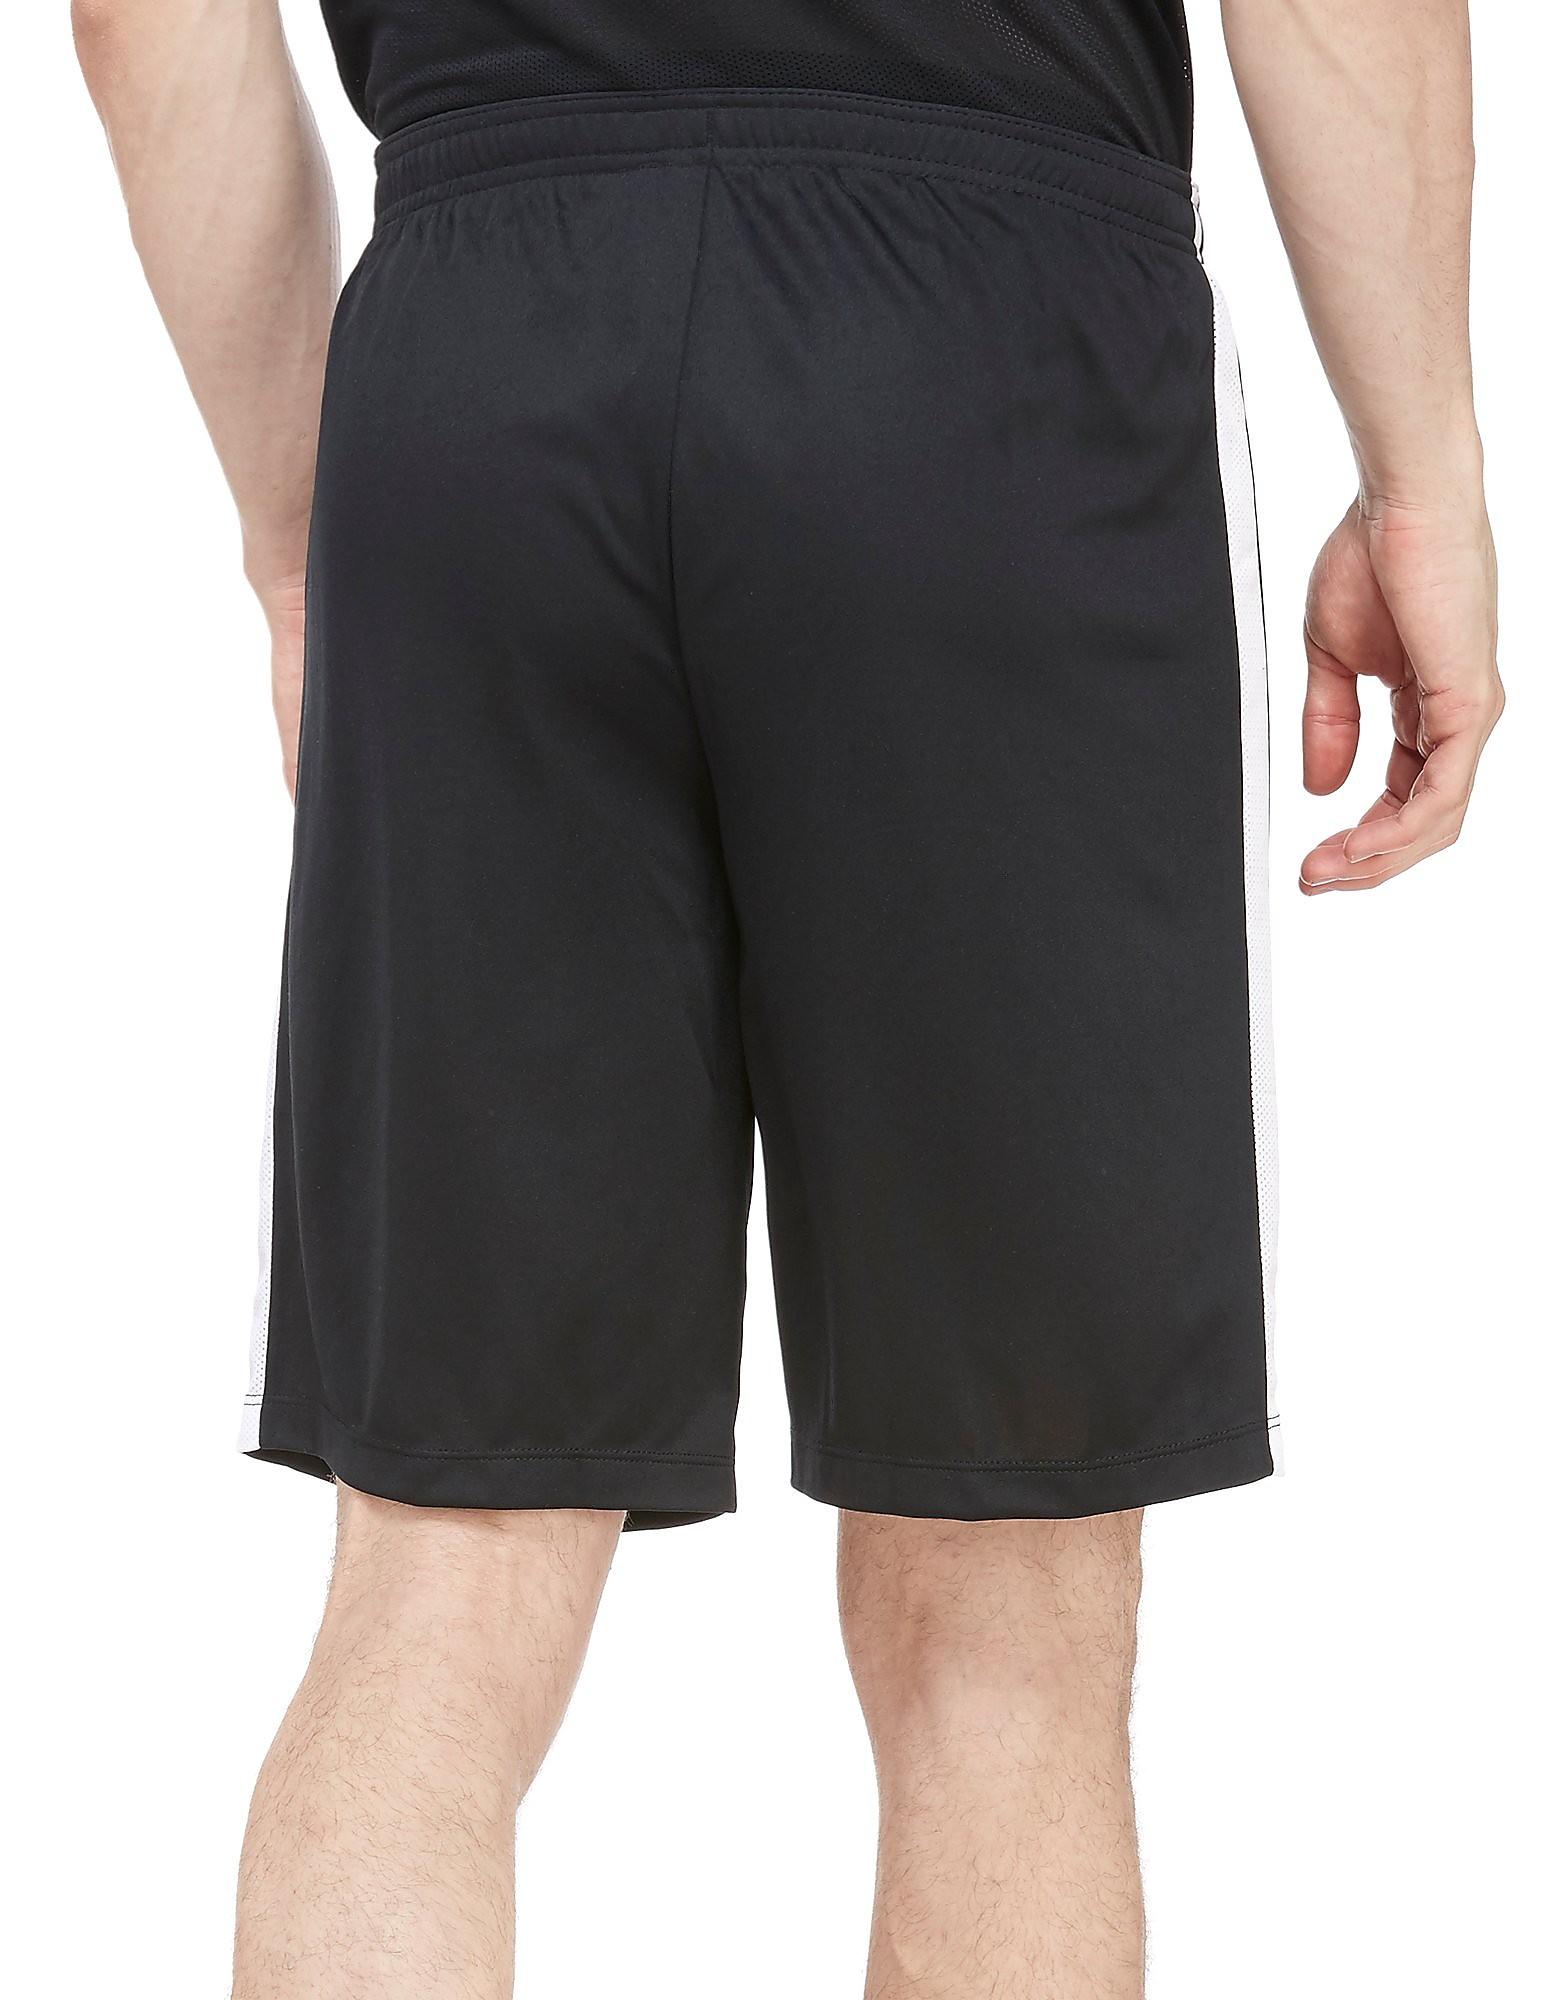 Nike Academy 17 Shorts